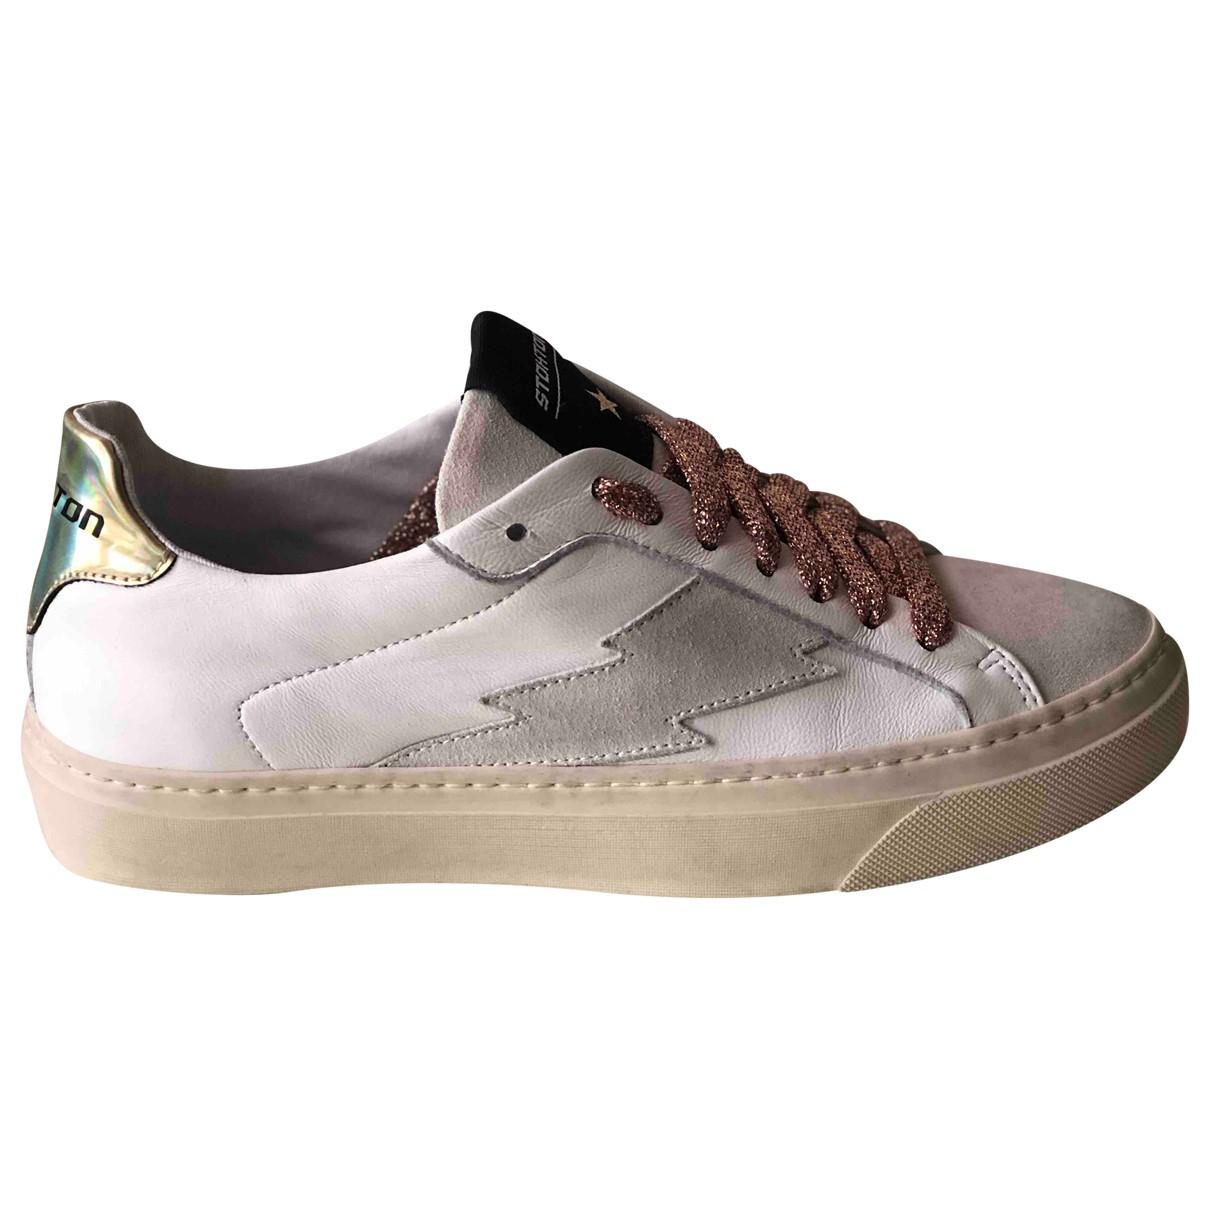 Stokton \N Sneakers in  Weiss Leder